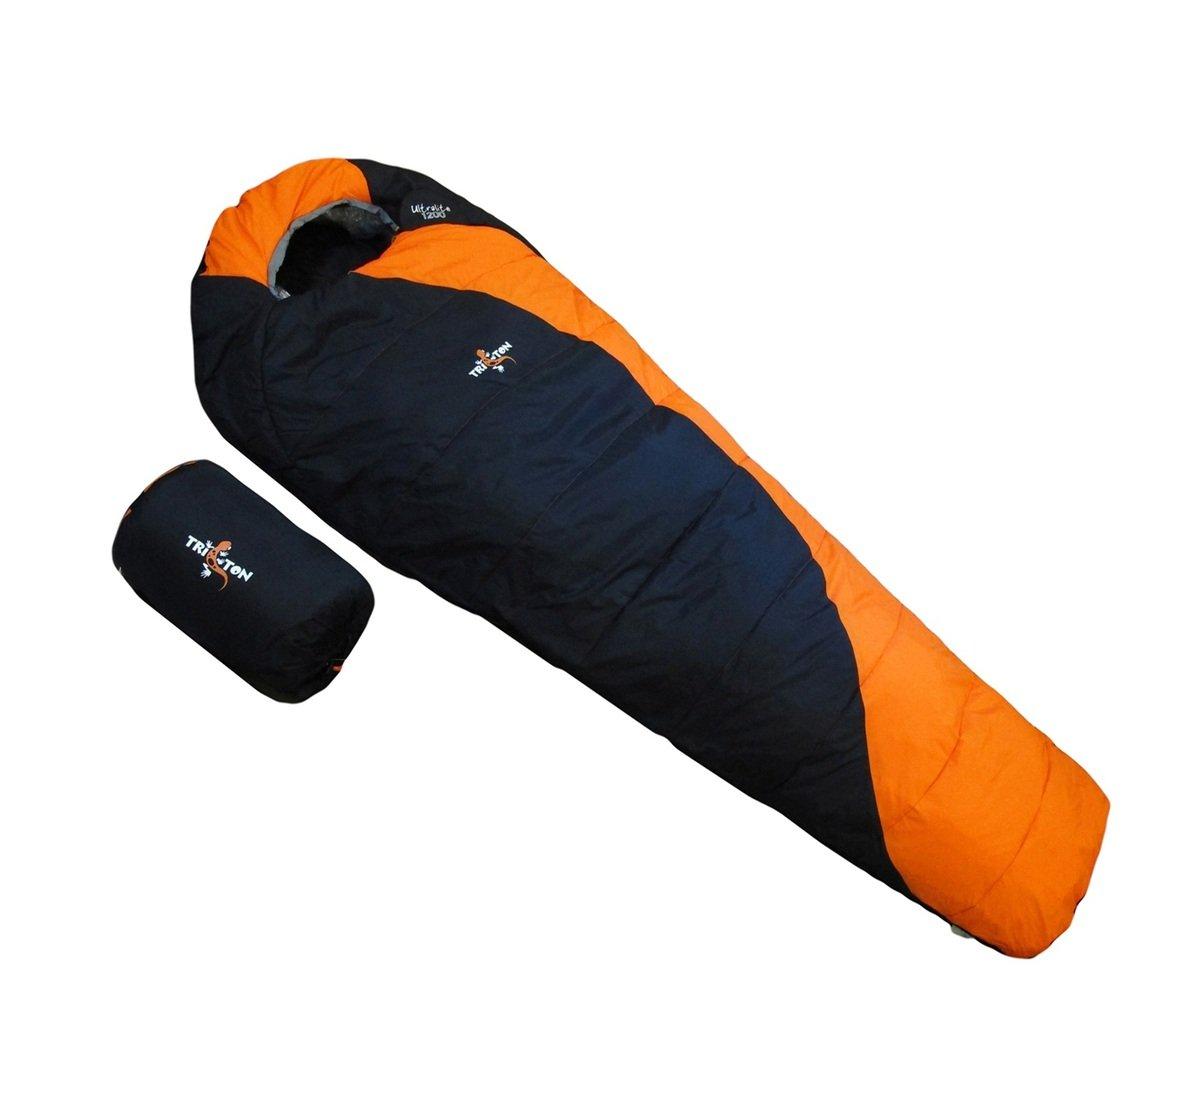 抗水高溫綿10度睡袋 - Ultralite 500